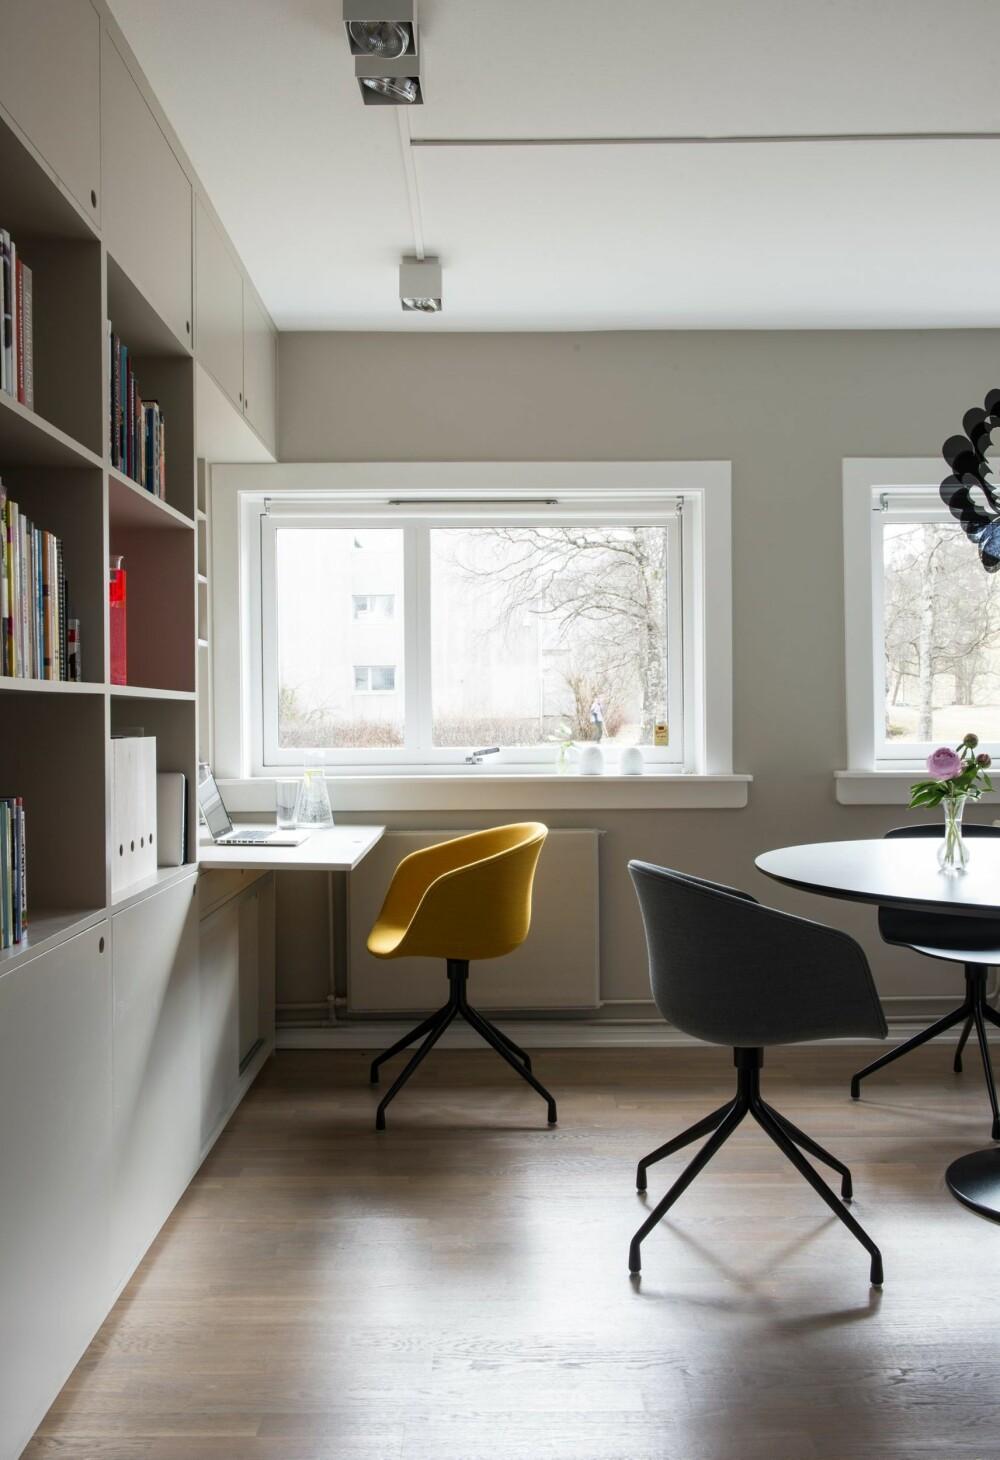 HJEMMEKONTOR: Det plassbygde møbelet langs kortveggen rommer både skjult og åpen oppbevaring pluss et hjemmekontor ved vinduet. Snekkerarbeidet er utført av Regiec Zbigniew. Bord og stoler er fra Hay.